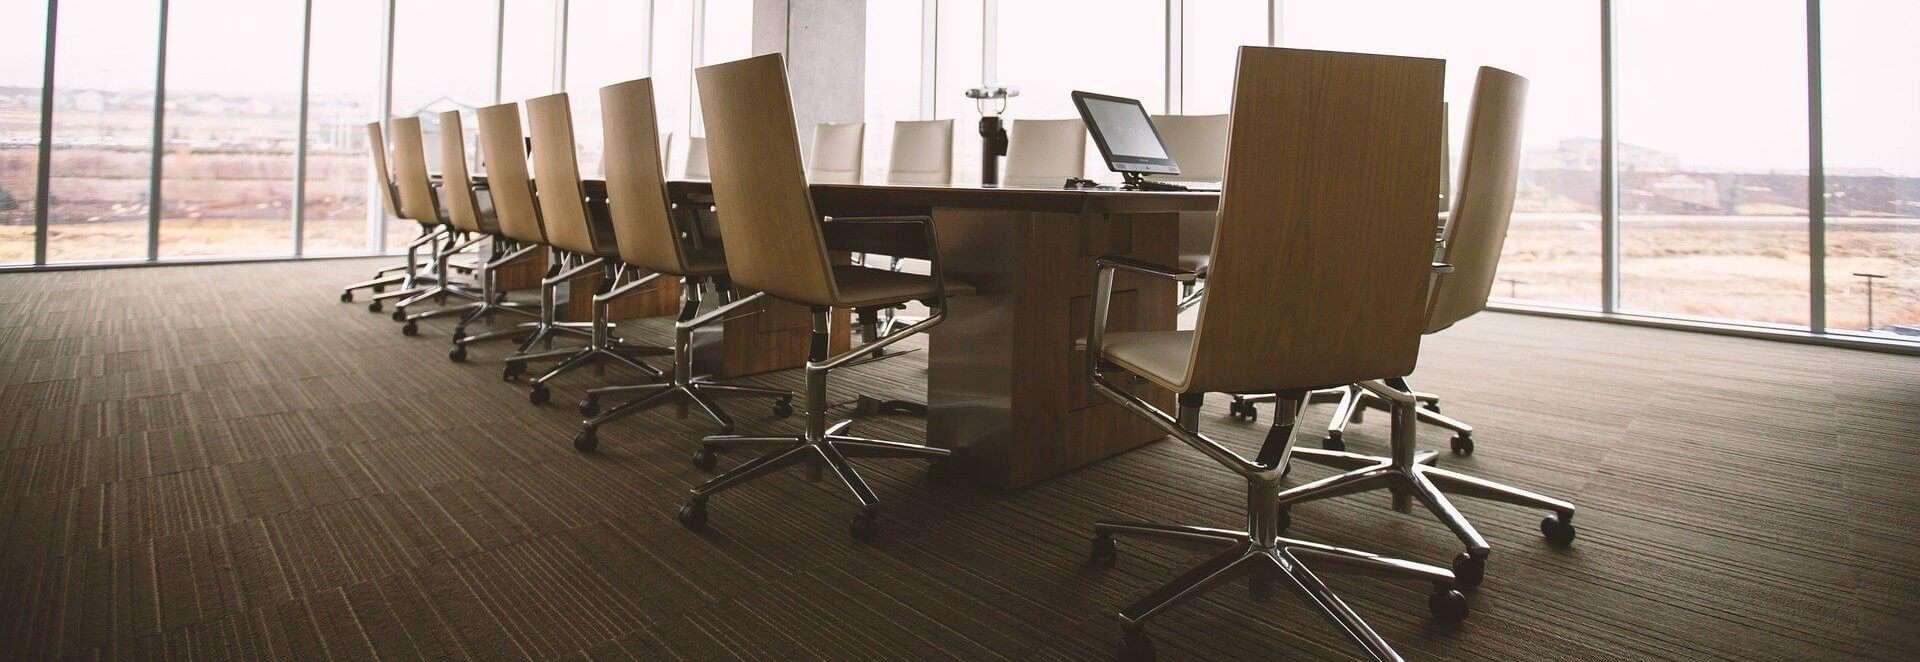 בניה ושיפורים למשרדים